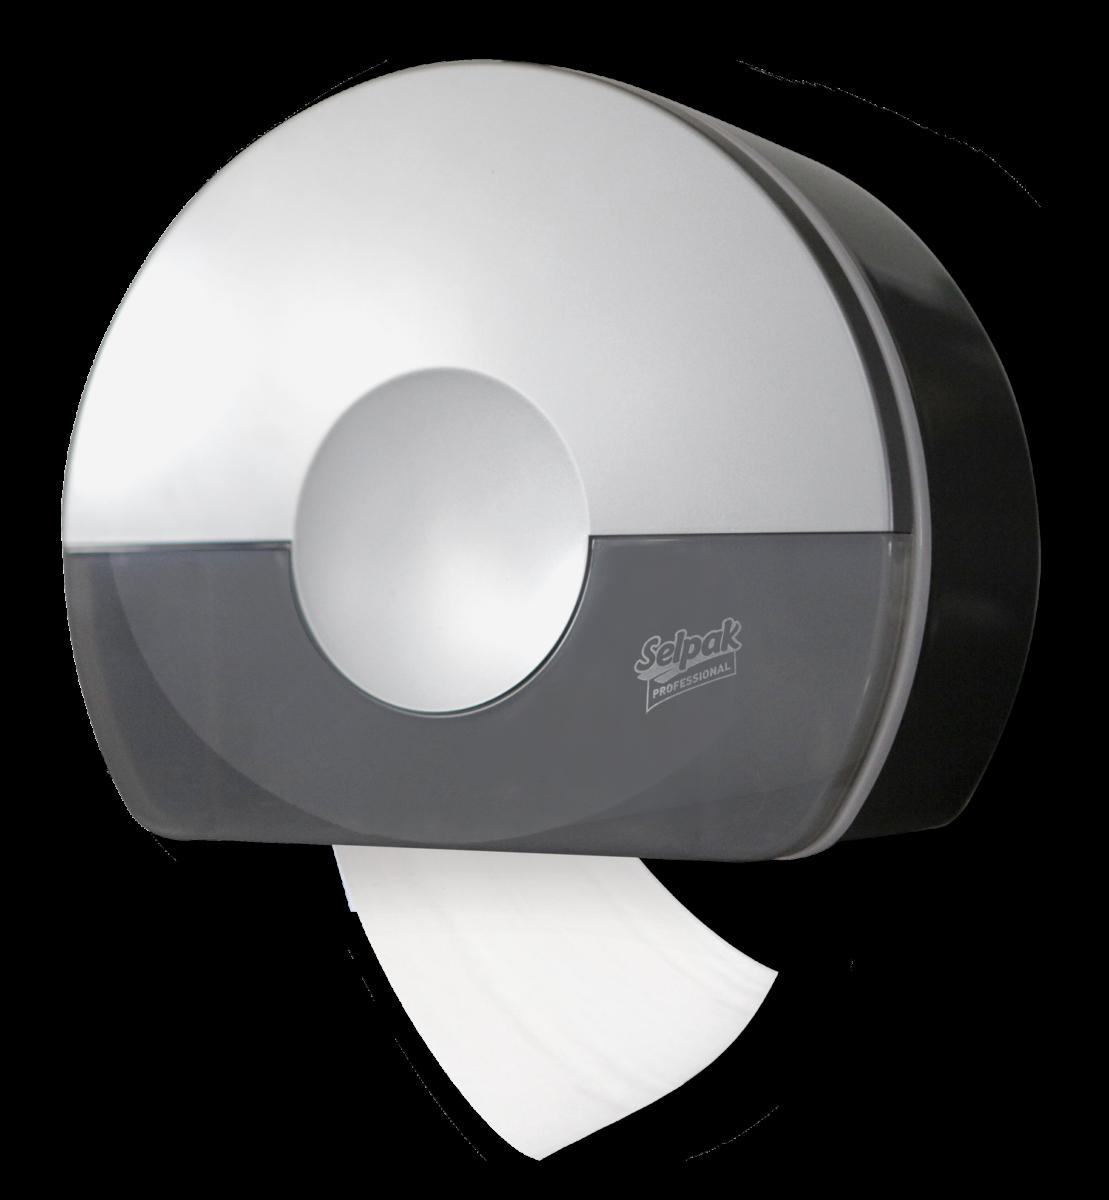 Диспенсер Selpak Prof. Touch для туалетного паперу, сріблястий- Фото - Biosphere